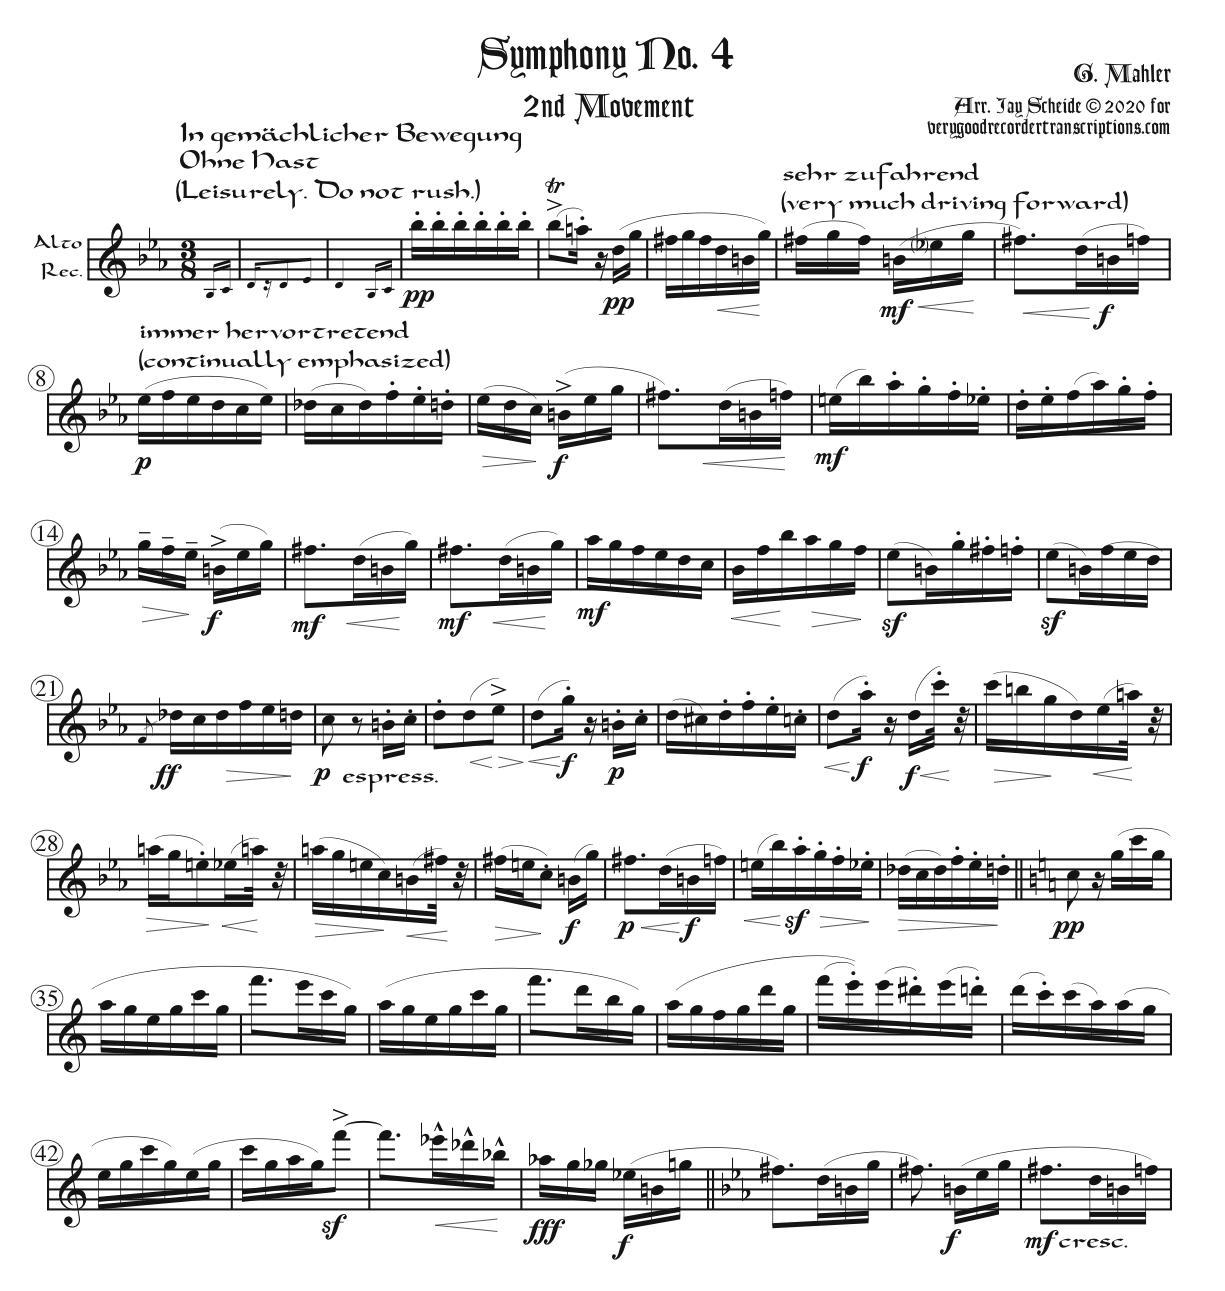 2nd Mvt. from Symphony No. 4